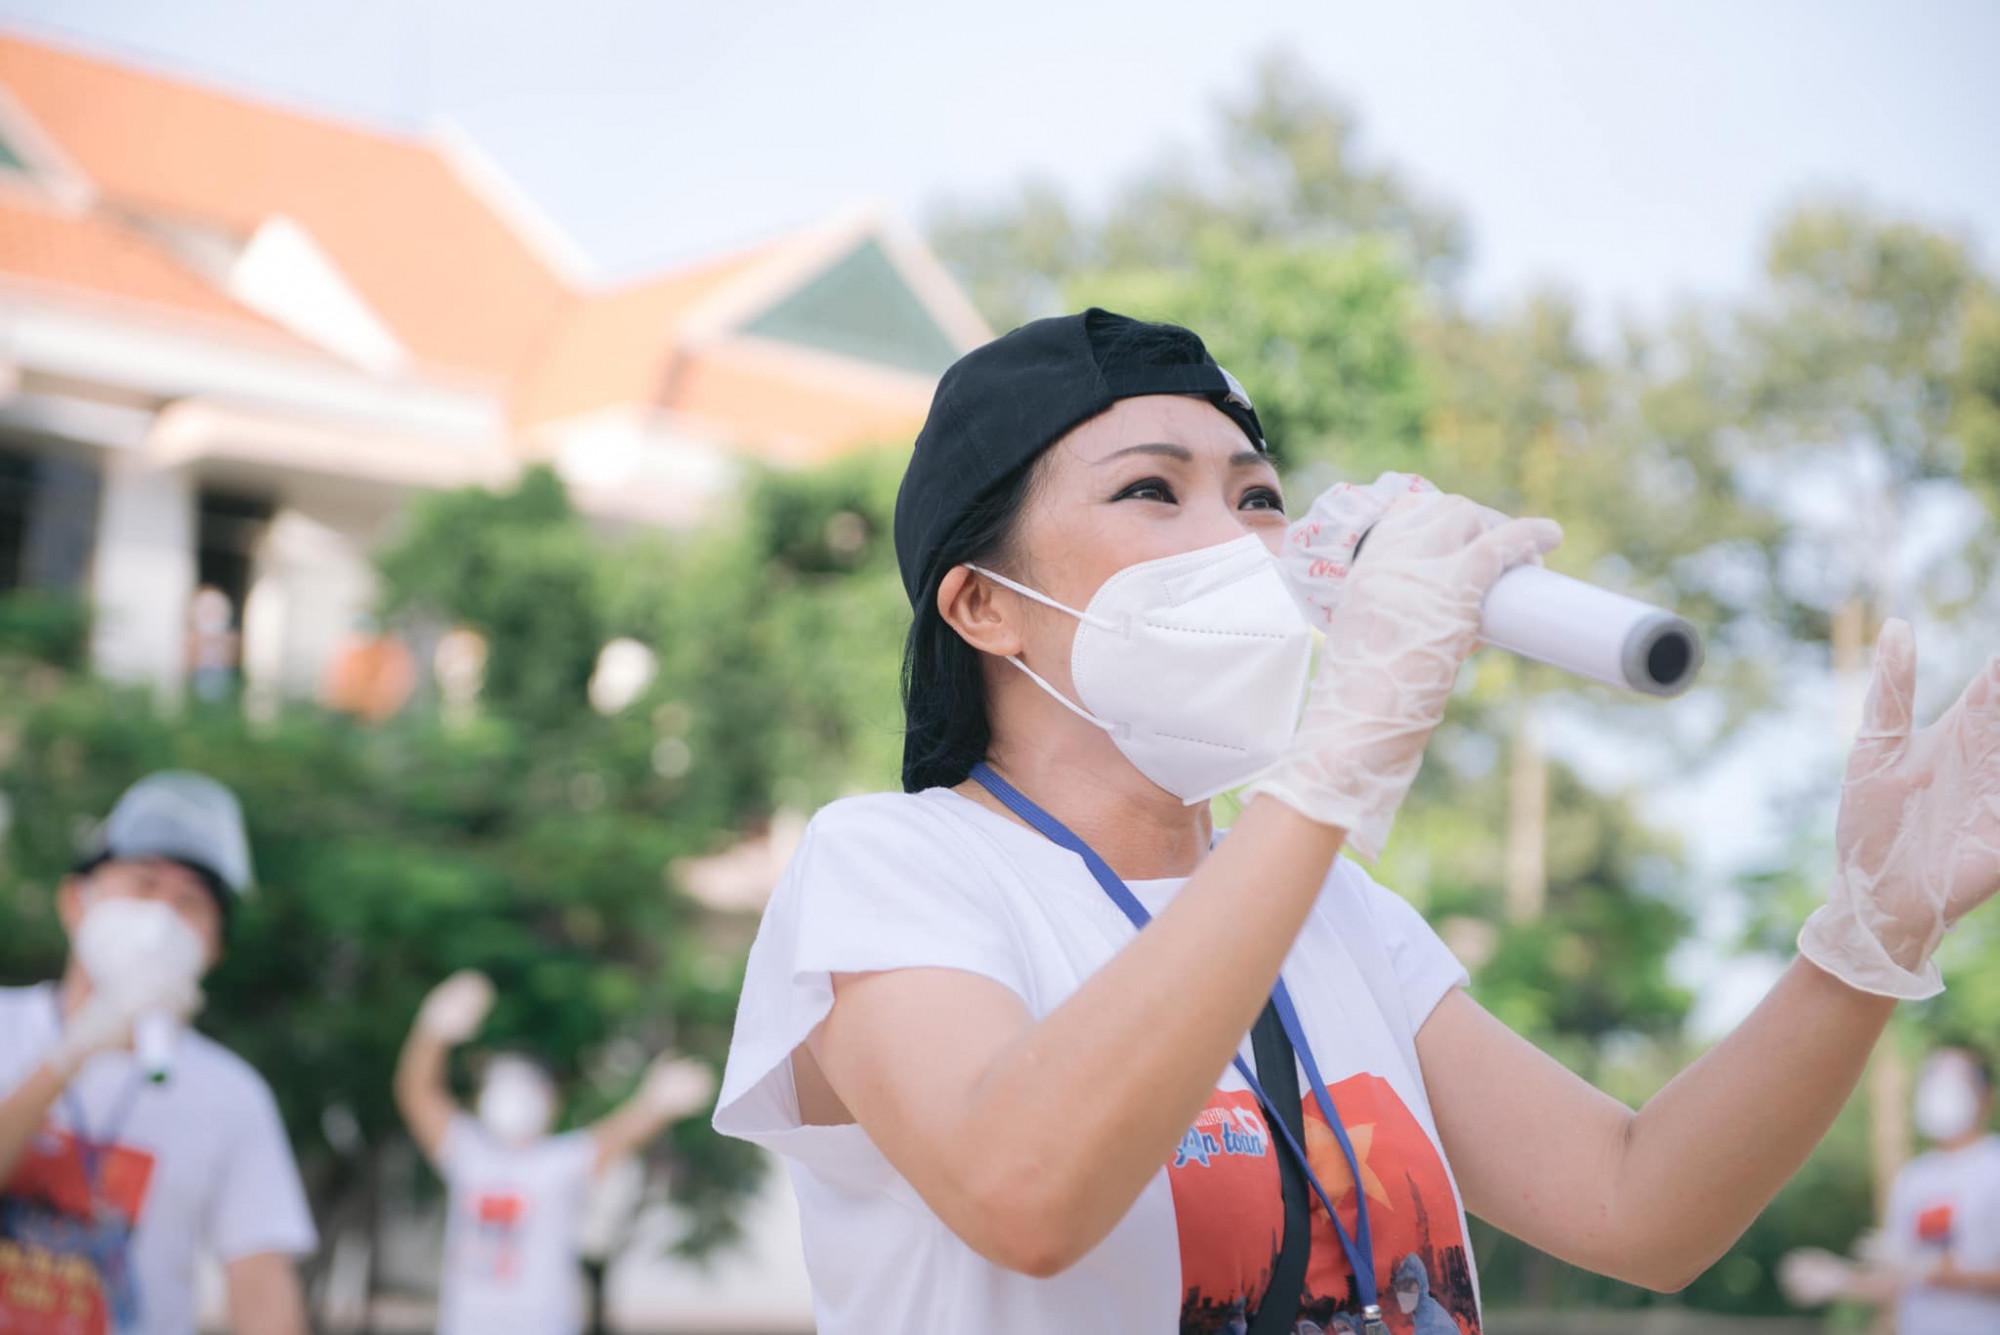 Ca sĩ Phương Thanh cho biết khi tiếng hát được cất lên giữa những hiểm nguy, khốn kho càng quý giá hơn.